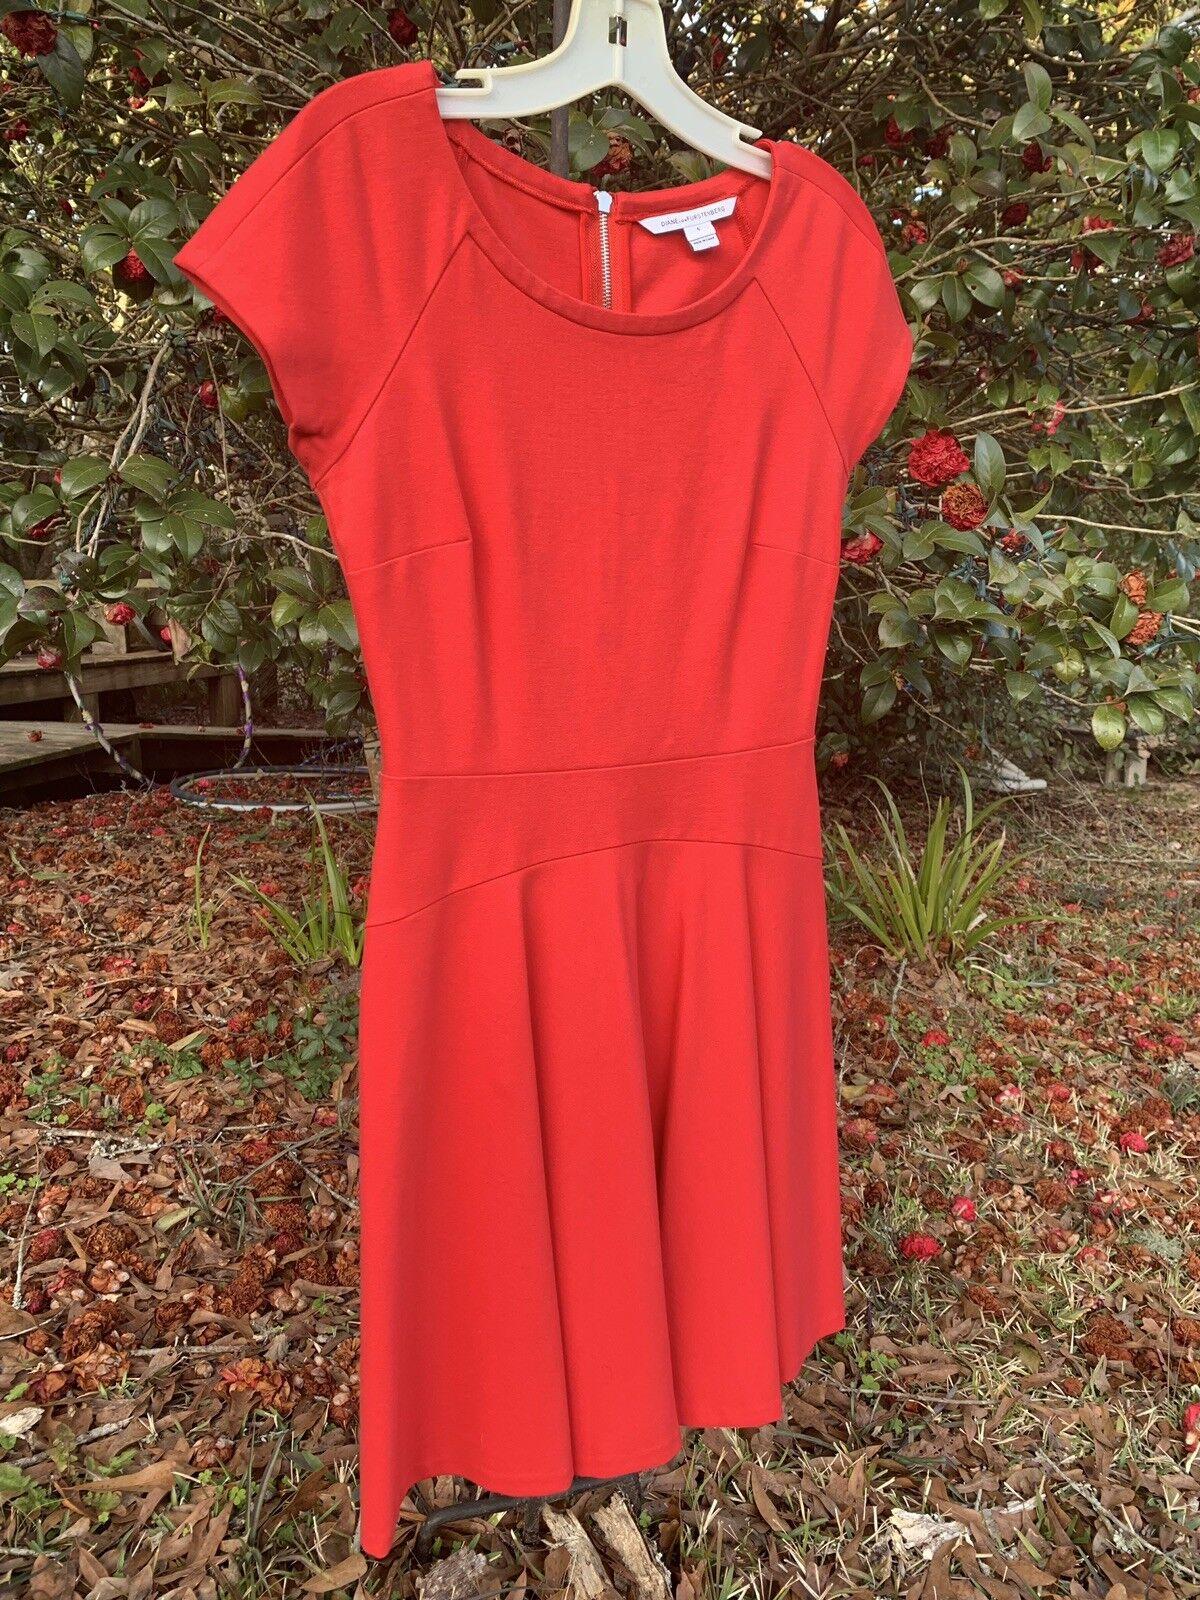 Diane von furstenberg rot DELYSE dress Größe 6